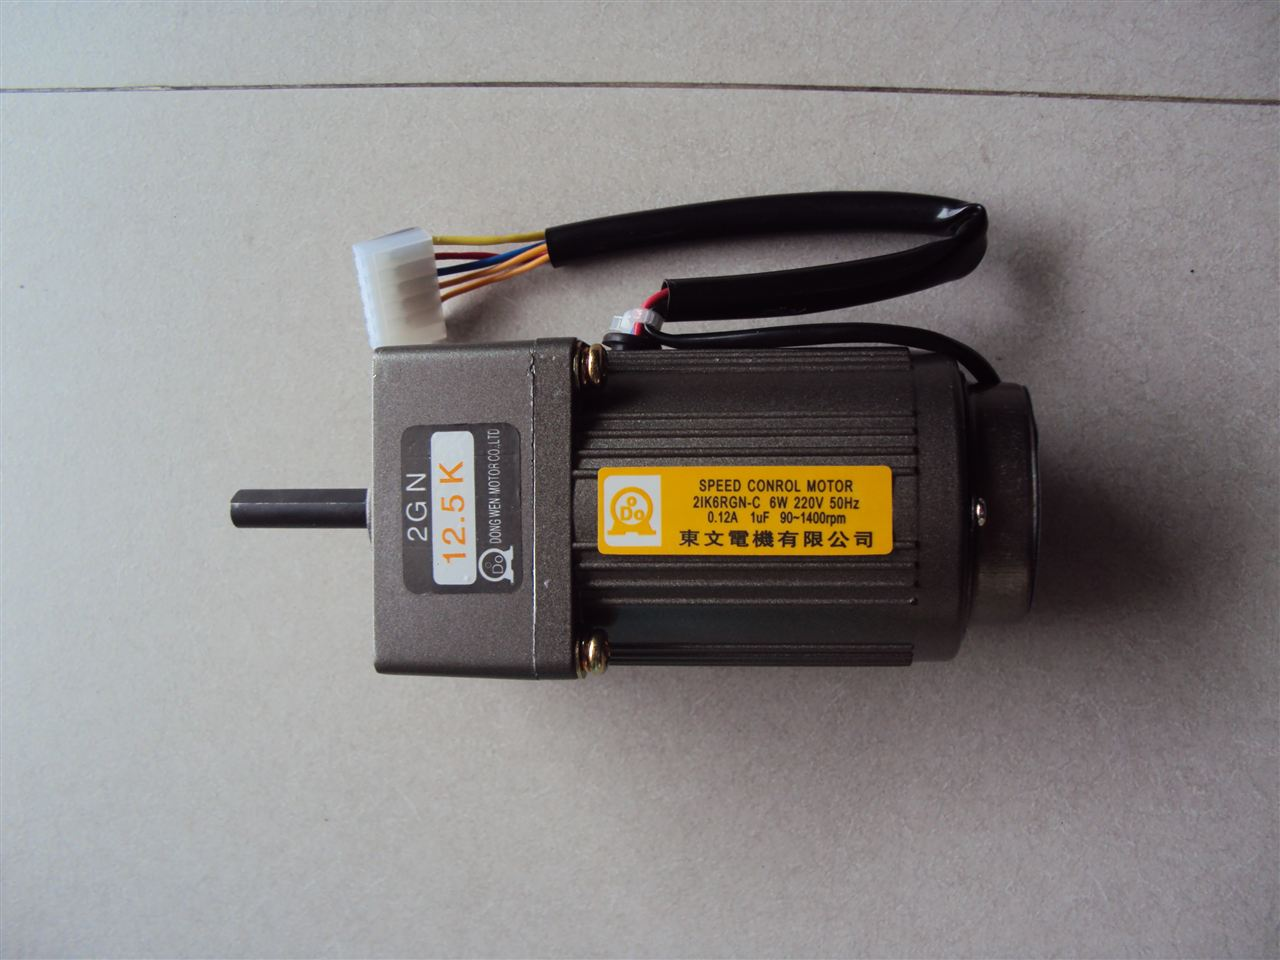 张力控制器,纠偏控制系统epc-d12,同步电机,nt光电眼,滚珠丝杆,磁粉